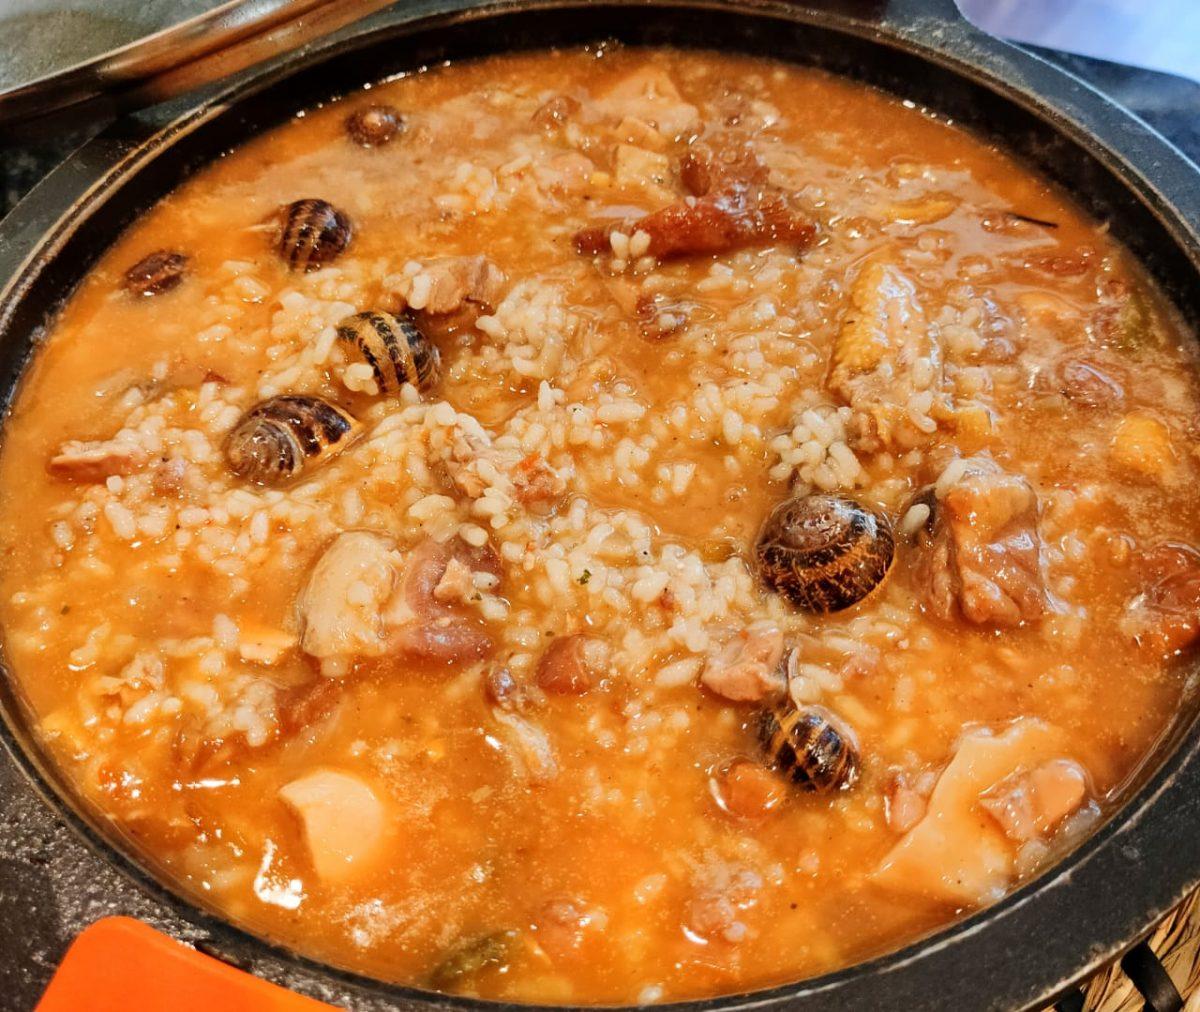 """Restaurante Borda Xixerella. Borda Rústica y típica Andorrana habilitada como restaurante y situada entre el cruce de Xixerella y el pueblo de Pal en Erts (La Massana). Cocina: La gastronomía en Borda Xixerella se basa en la cocina tradicional andorrana con productos de proximidad podemos afirmar que es cocina Andorrana de montaña pero sin renunciar a buenos platos de cocina Española y Marinera (trinxat, caracoles a la """"llauna"""", buenas carnes a la brasa fundamentalmente ternera de Andorra), y otros platos de cocina típica mediterránea (Arroces de bogavante, ensaladas de queso de cabra, cazuelas de guisados según los días, pato, y buen jamón)."""